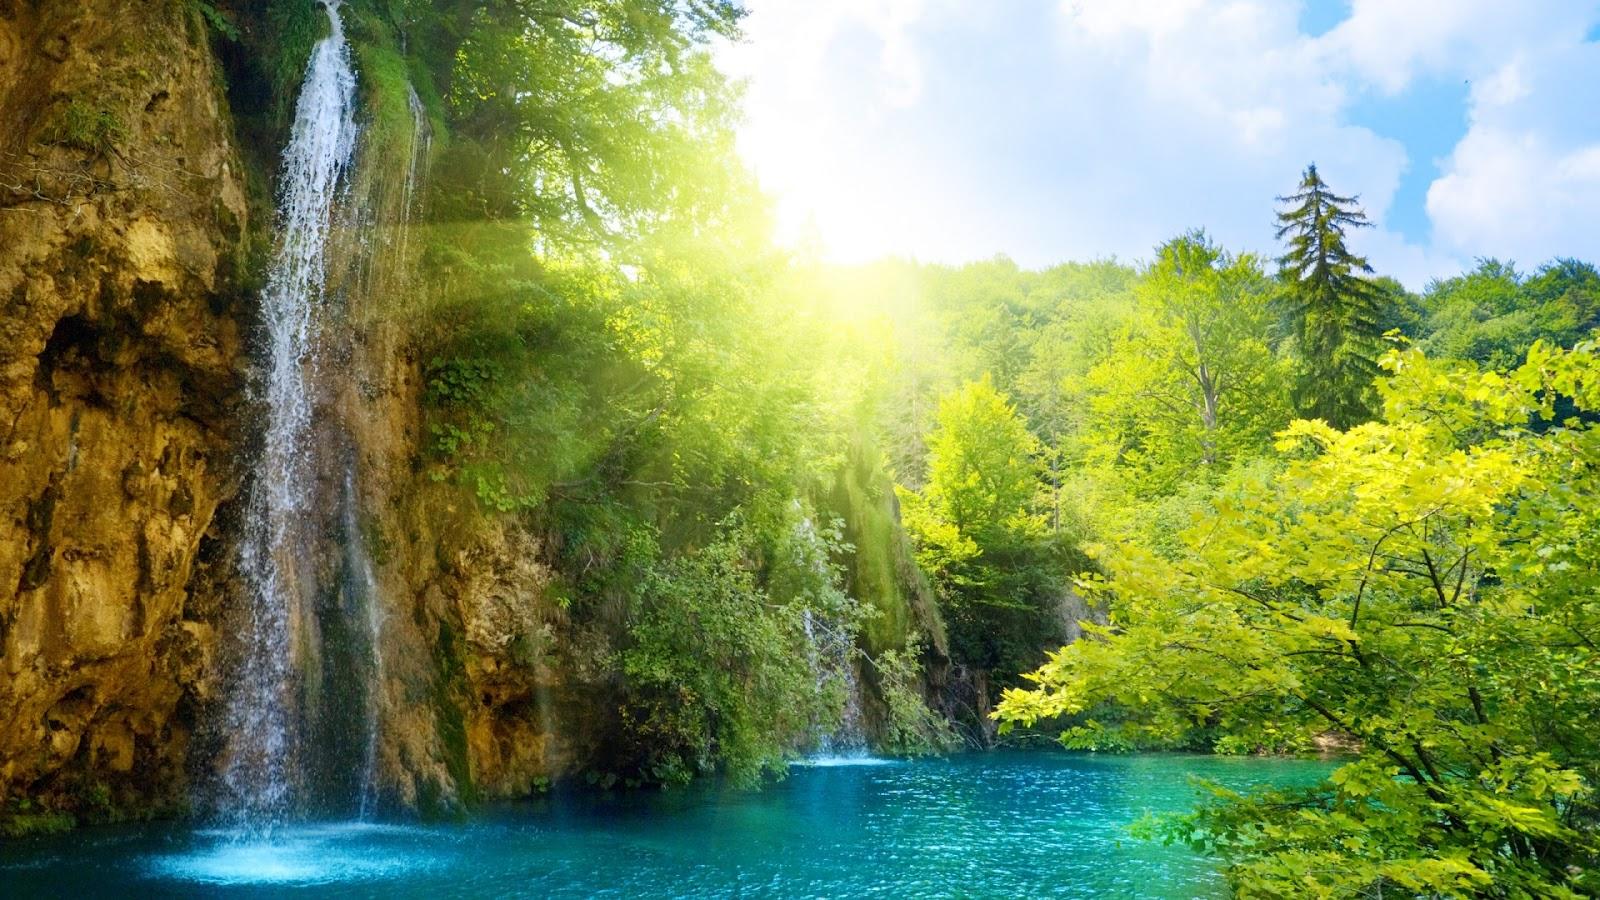 http://4.bp.blogspot.com/-etjc54iDmAA/T61mK4ni7NI/AAAAAAAAAhM/AQuYsEvdks8/s1600/waterfall_wallpaper_good_look_background-1920x1080.jpg